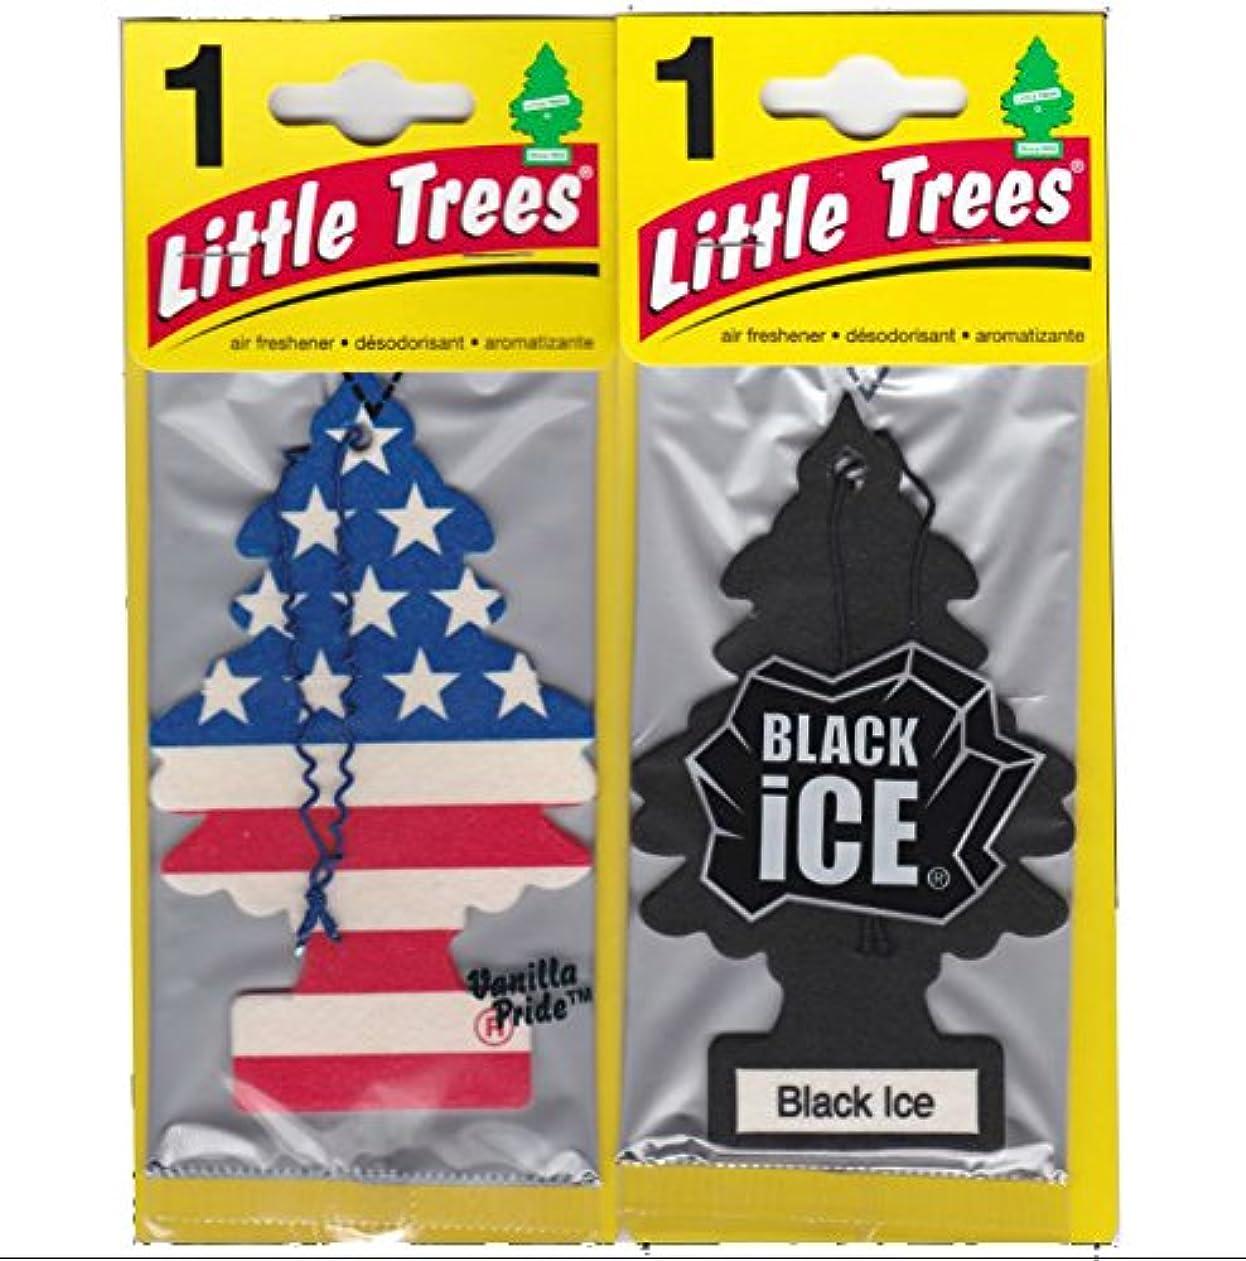 聖職者野望ちょっと待ってLittle Trees 吊下げ式 芳香剤 エアーフレッシュナー ブラックアイス & バニラプライド [並行輸入品]